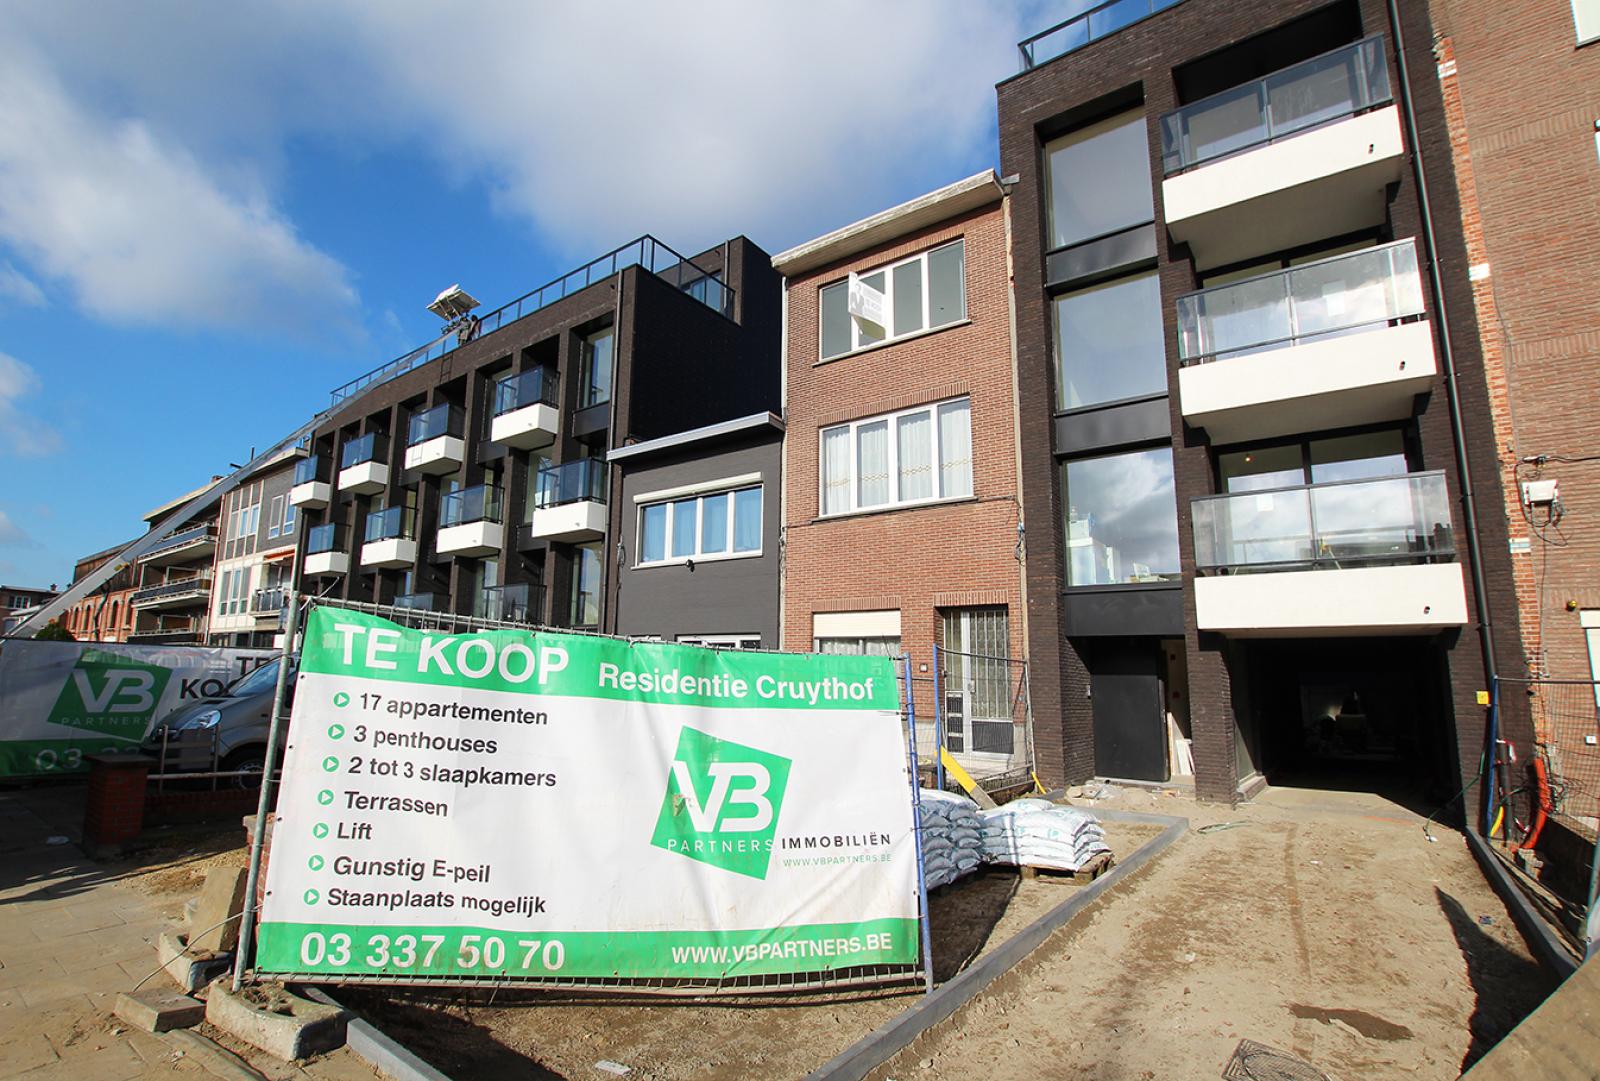 Prachtig appartement met terras op gegeerde locatie! afbeelding 2